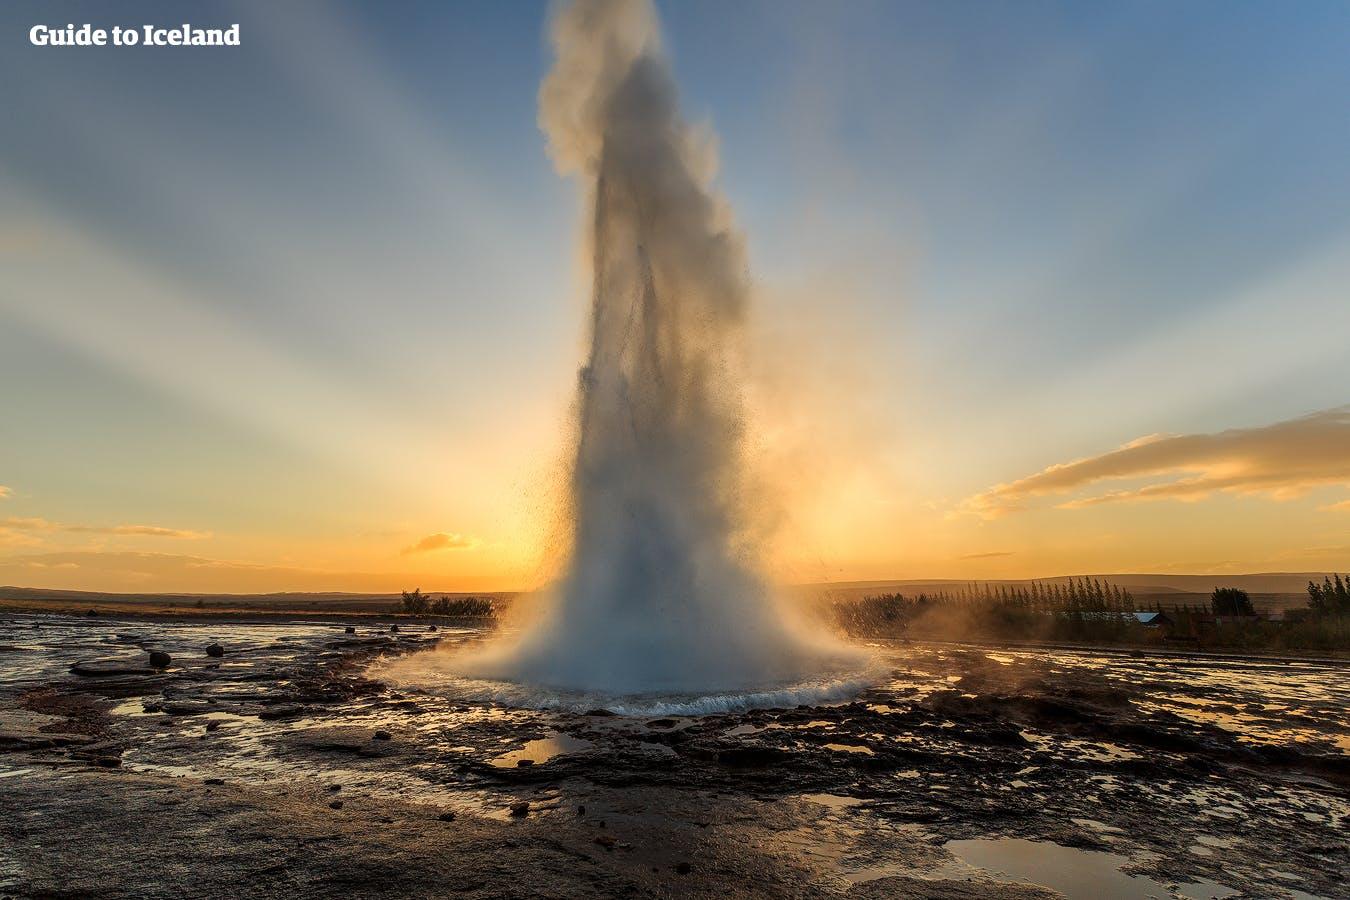 De indrukwekkende geiser in het geothermische park Geysir, die tijdens uitbarstingen heet water omhoog spuit is een van de drie belangrijkste bezienswaardigheden op de Golden Circle-route.